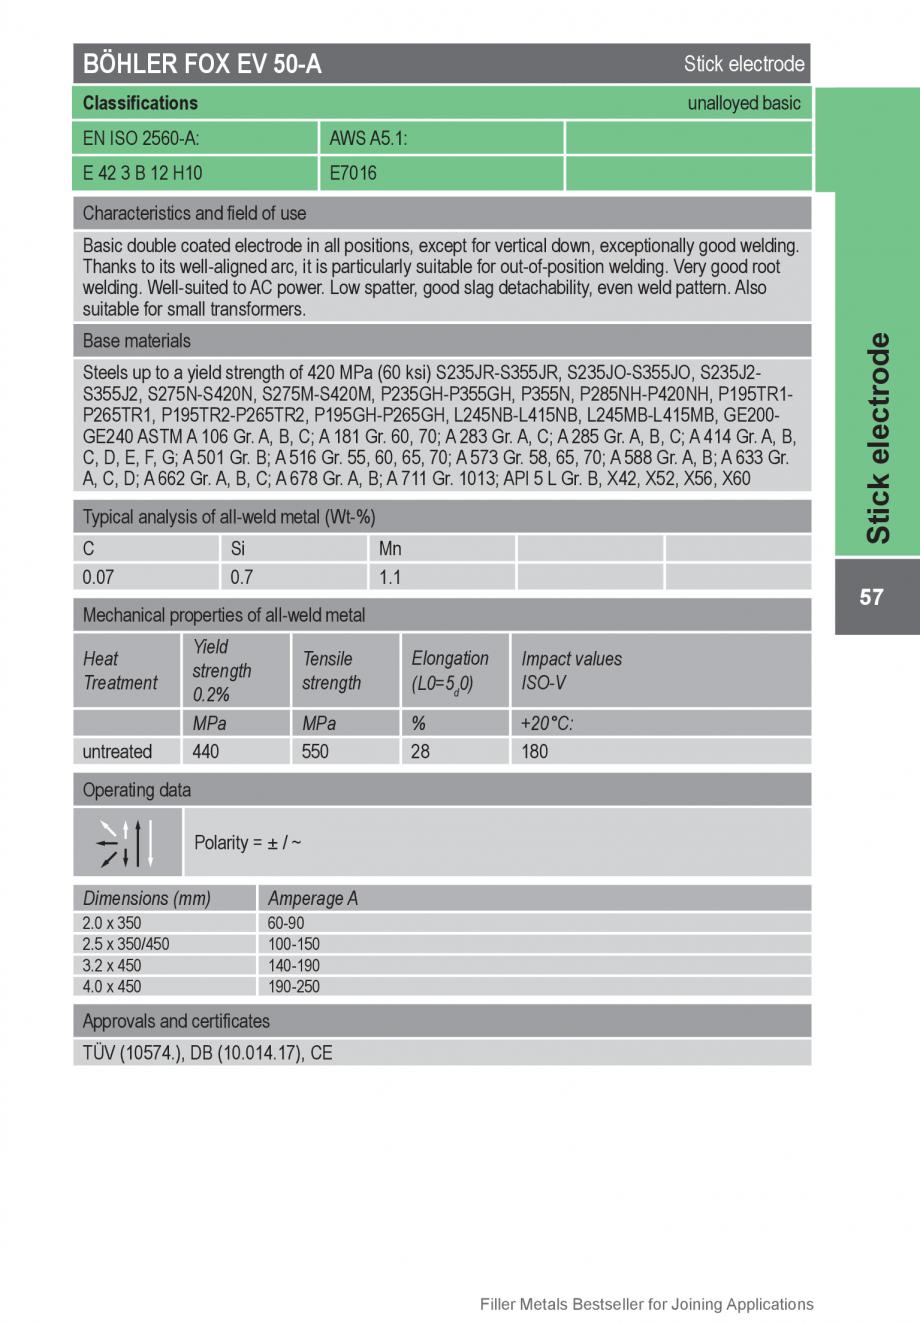 Pagina 57 - Solutii complete (materiale de adaos) pentru orice tip de aplicatie in sudare TEHNIC GAZ...